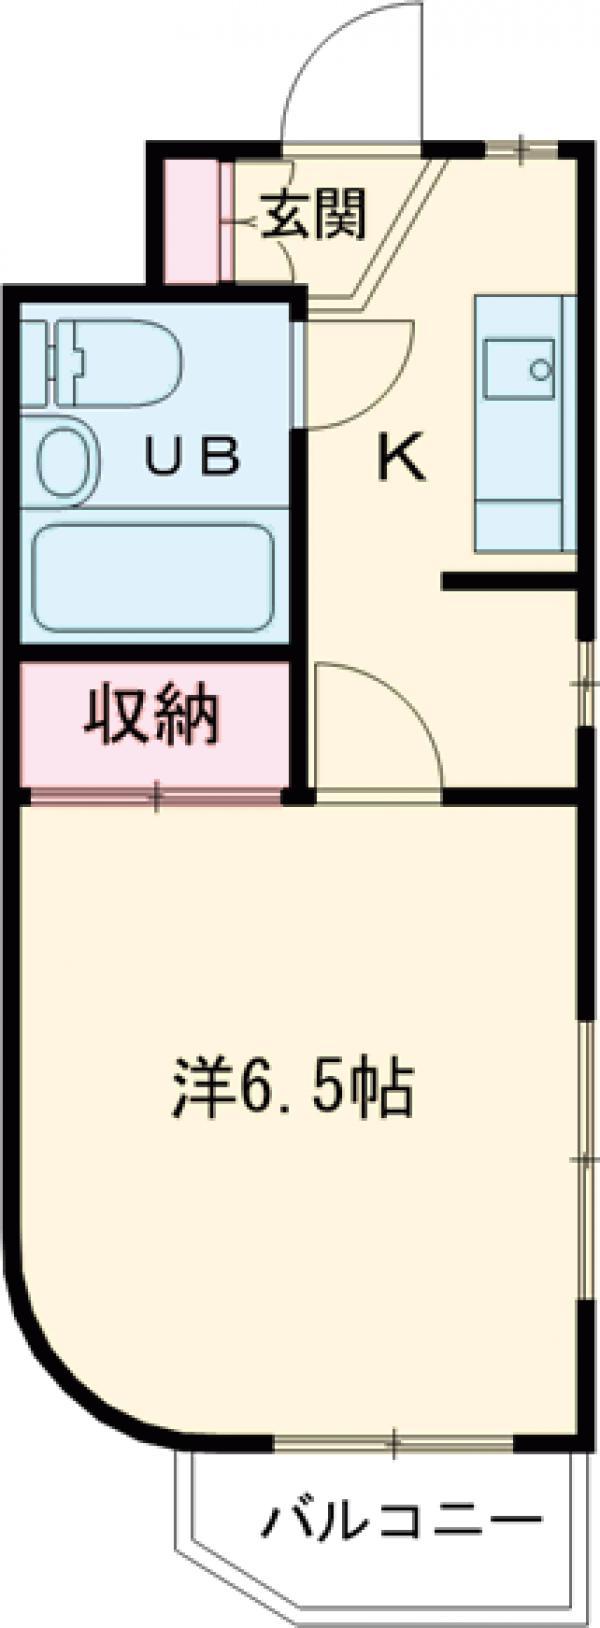 ベラパラッシオ田中・205号室の間取り